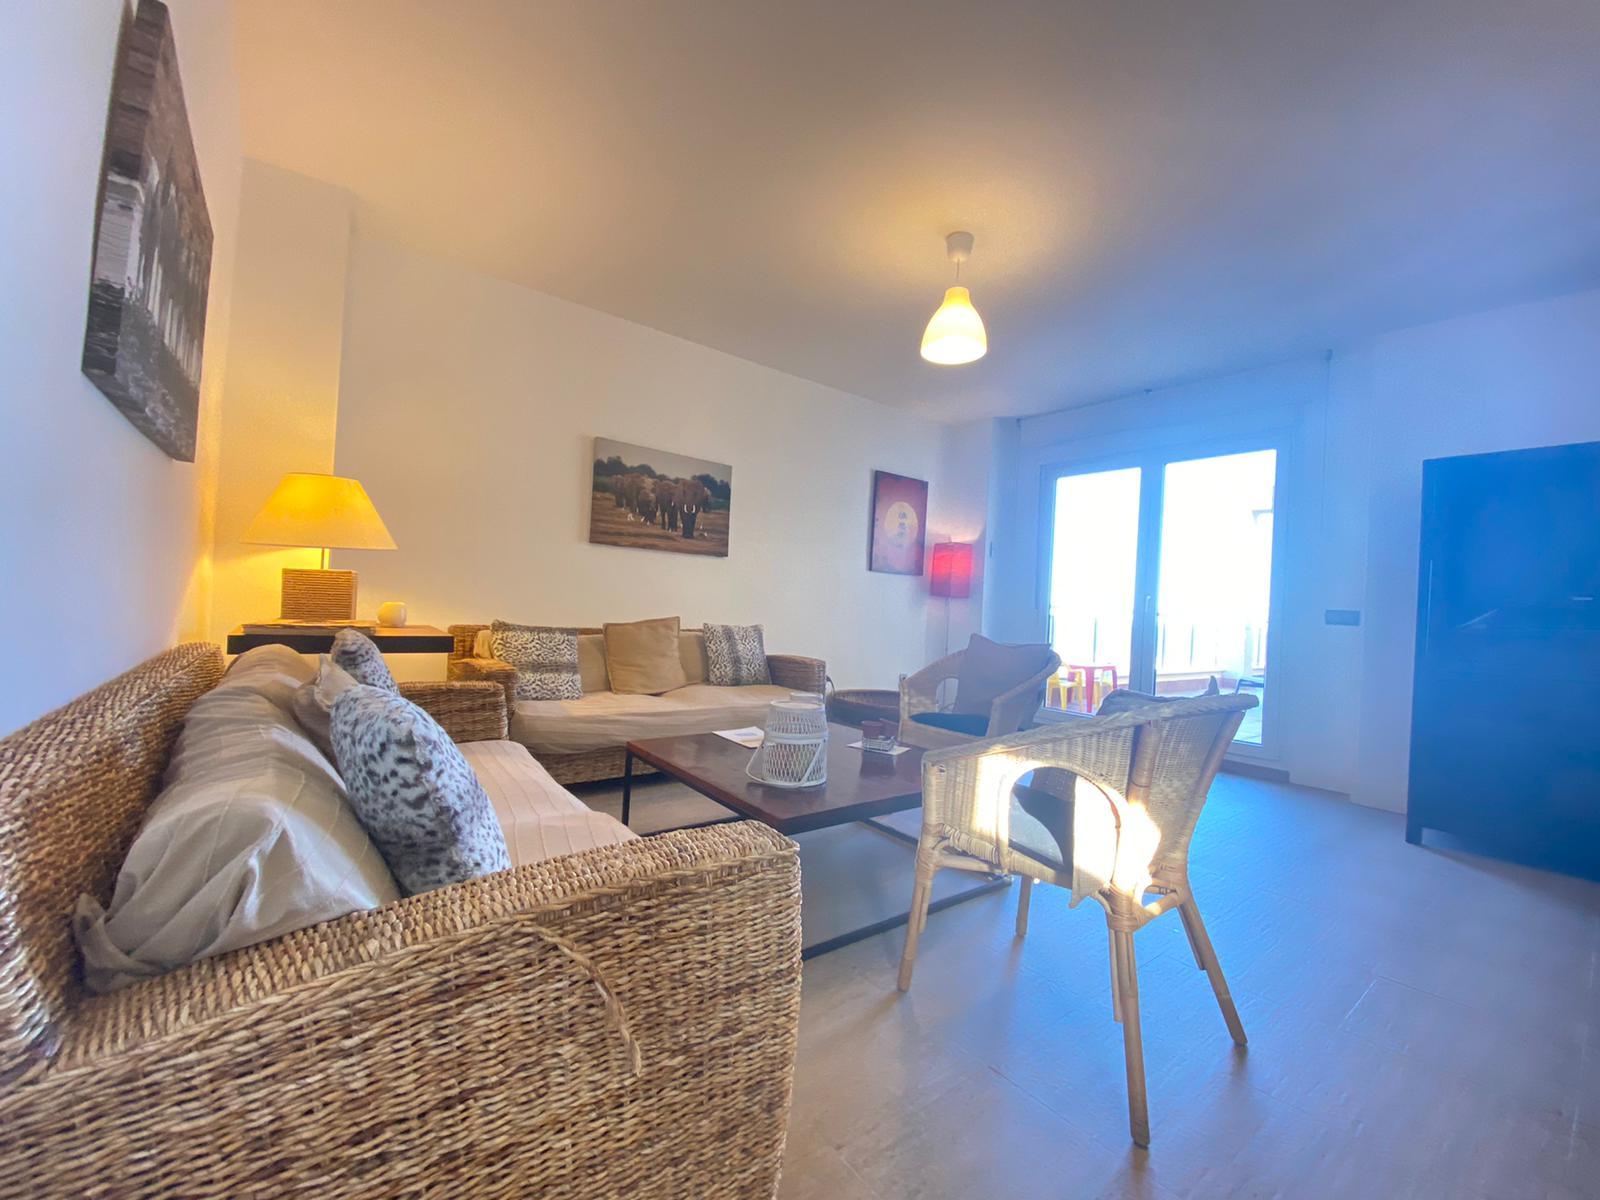 Imagen 8 del Apartamento Turístico, Ático 6 Levante (3d+2b), Punta del Moral (HUELVA), Paseo de la Cruz nº22